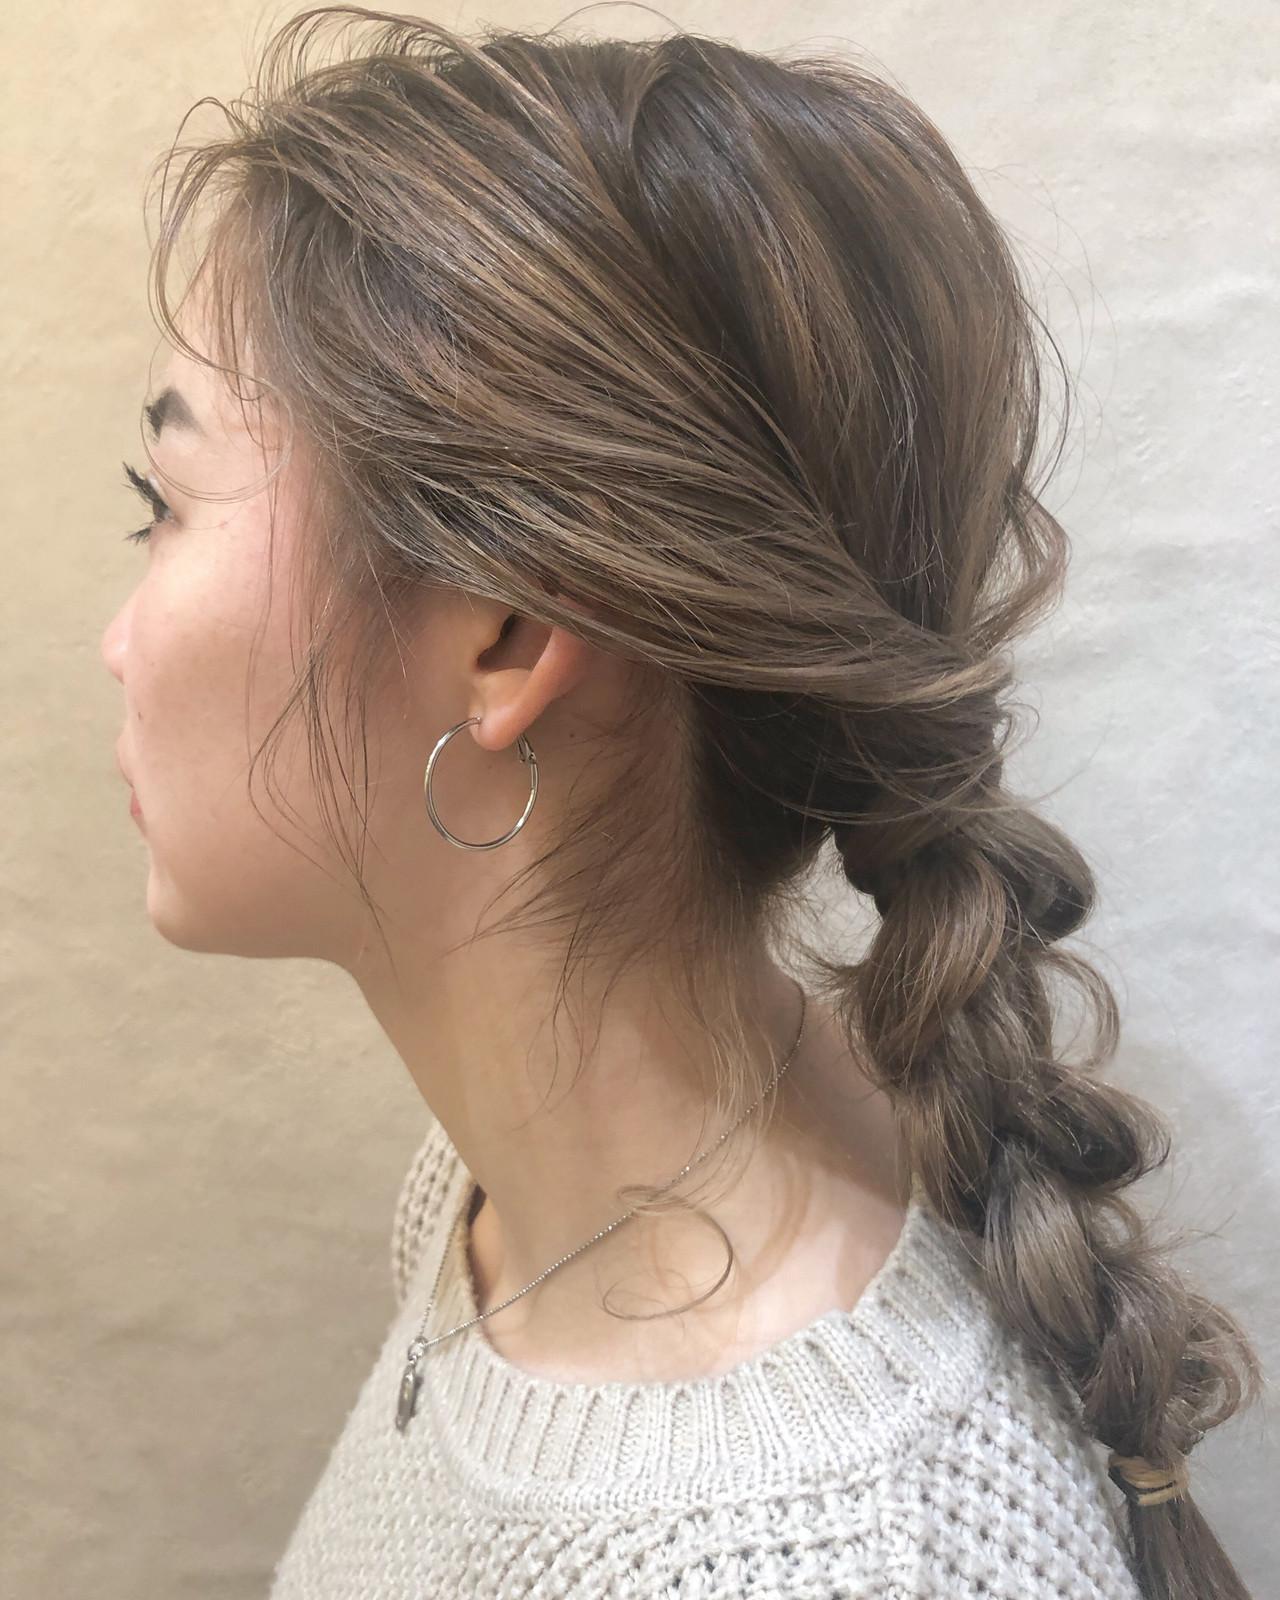 ヘアアレンジ オフィス デート 結婚式 ヘアスタイルや髪型の写真・画像 | 安永怜 / kakimotoarms田園調布